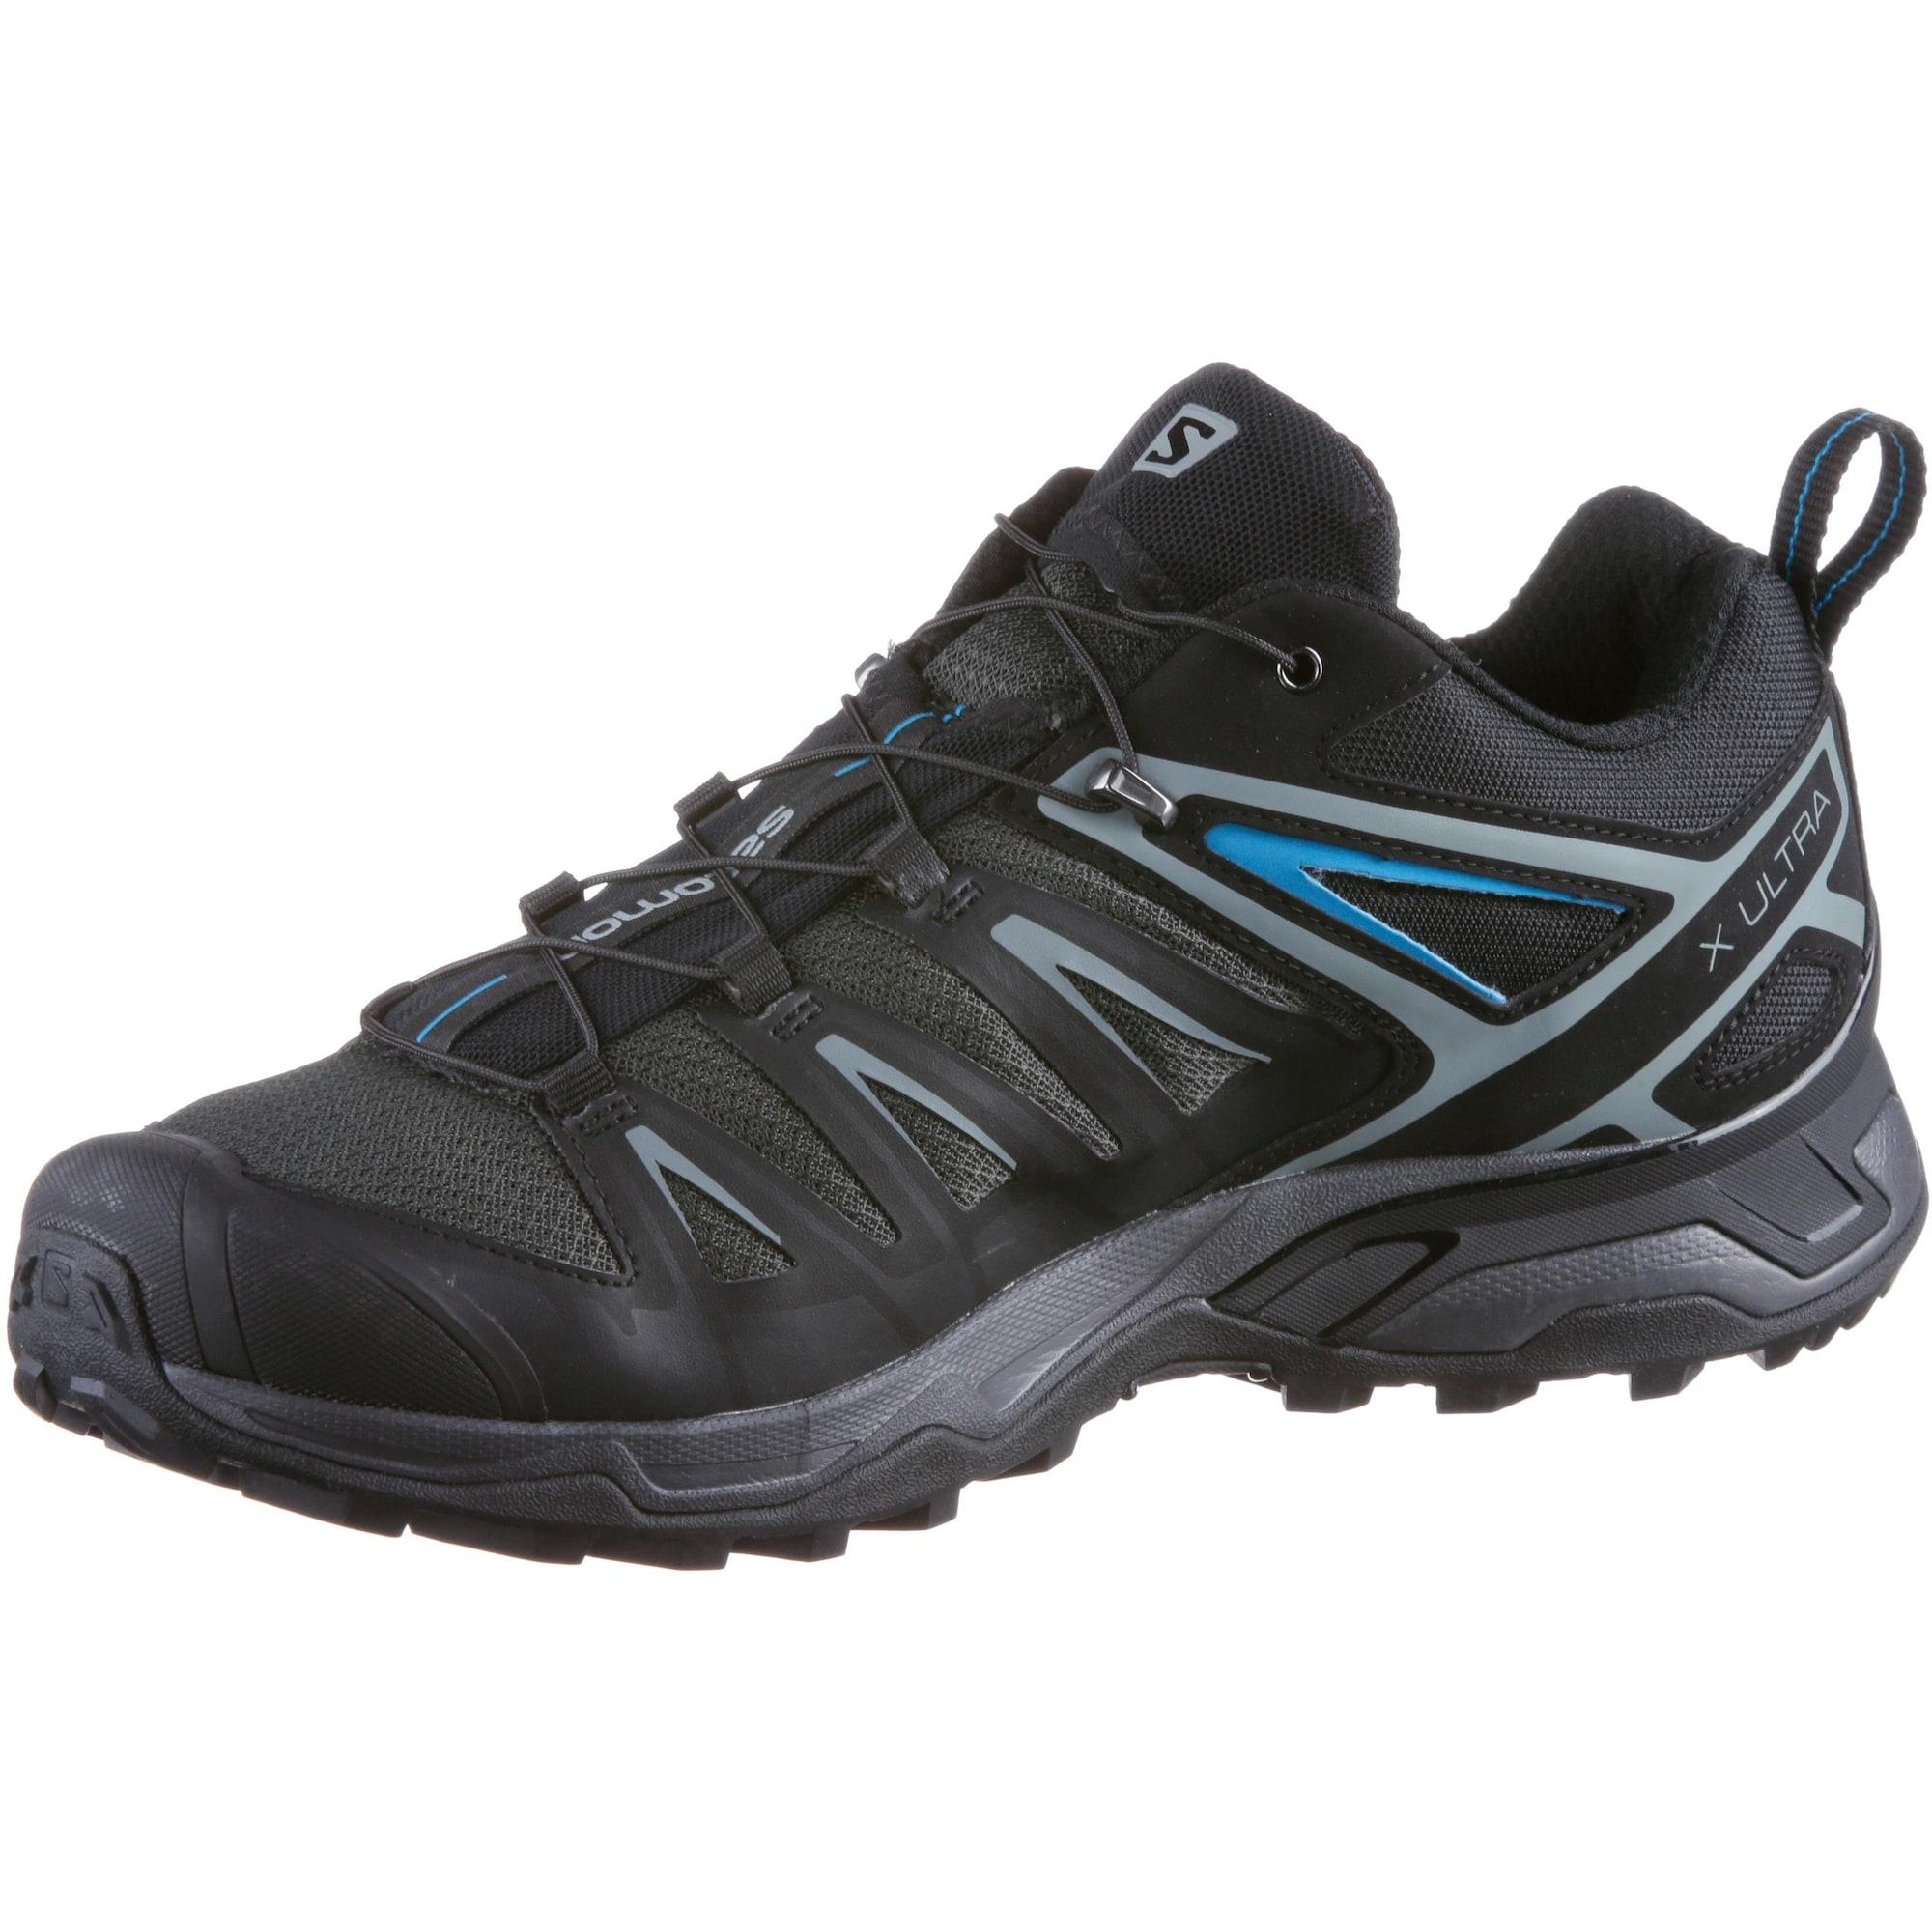 SALOMON Guminiai batai laisvalaikiui